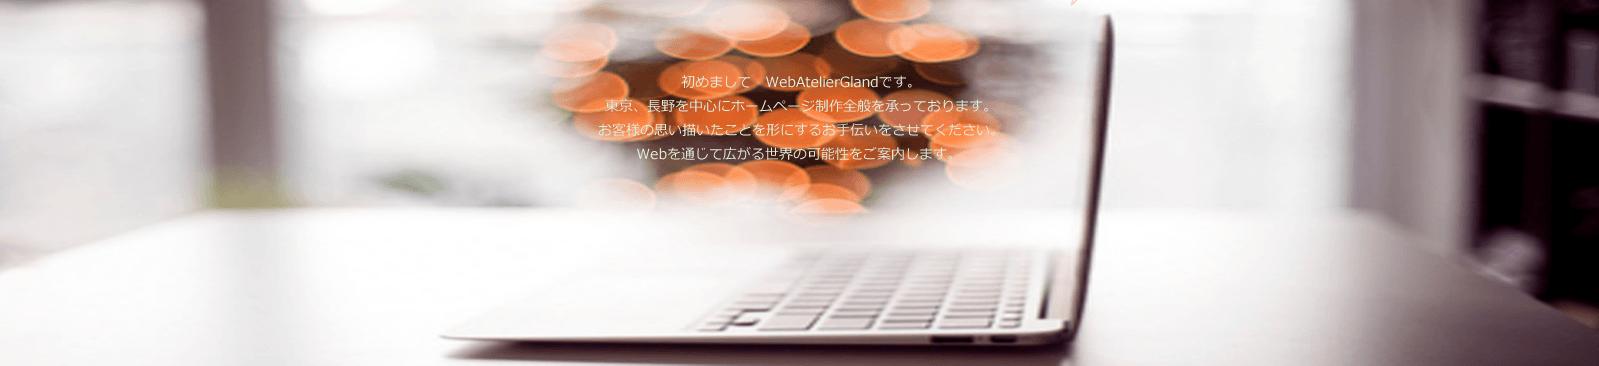 個人事業主・中小企業向けホームページ作成|東京・長野 WebAtelier Gland